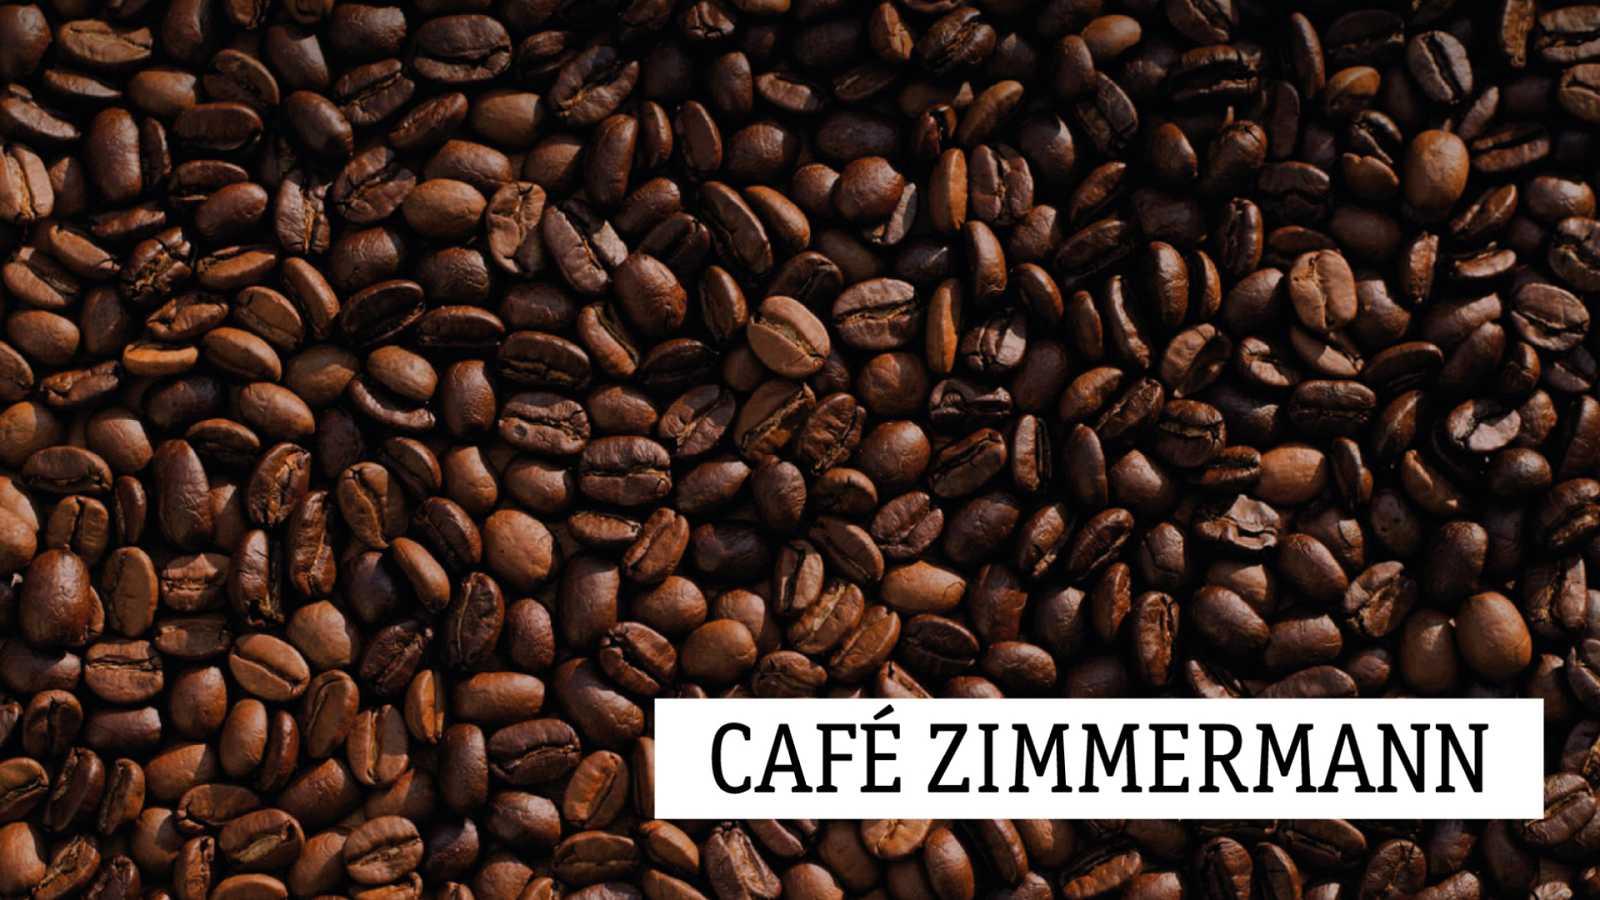 Café Zimmermann - Baudelaire y Flaubert - 10/06/21 - escuchar ahora